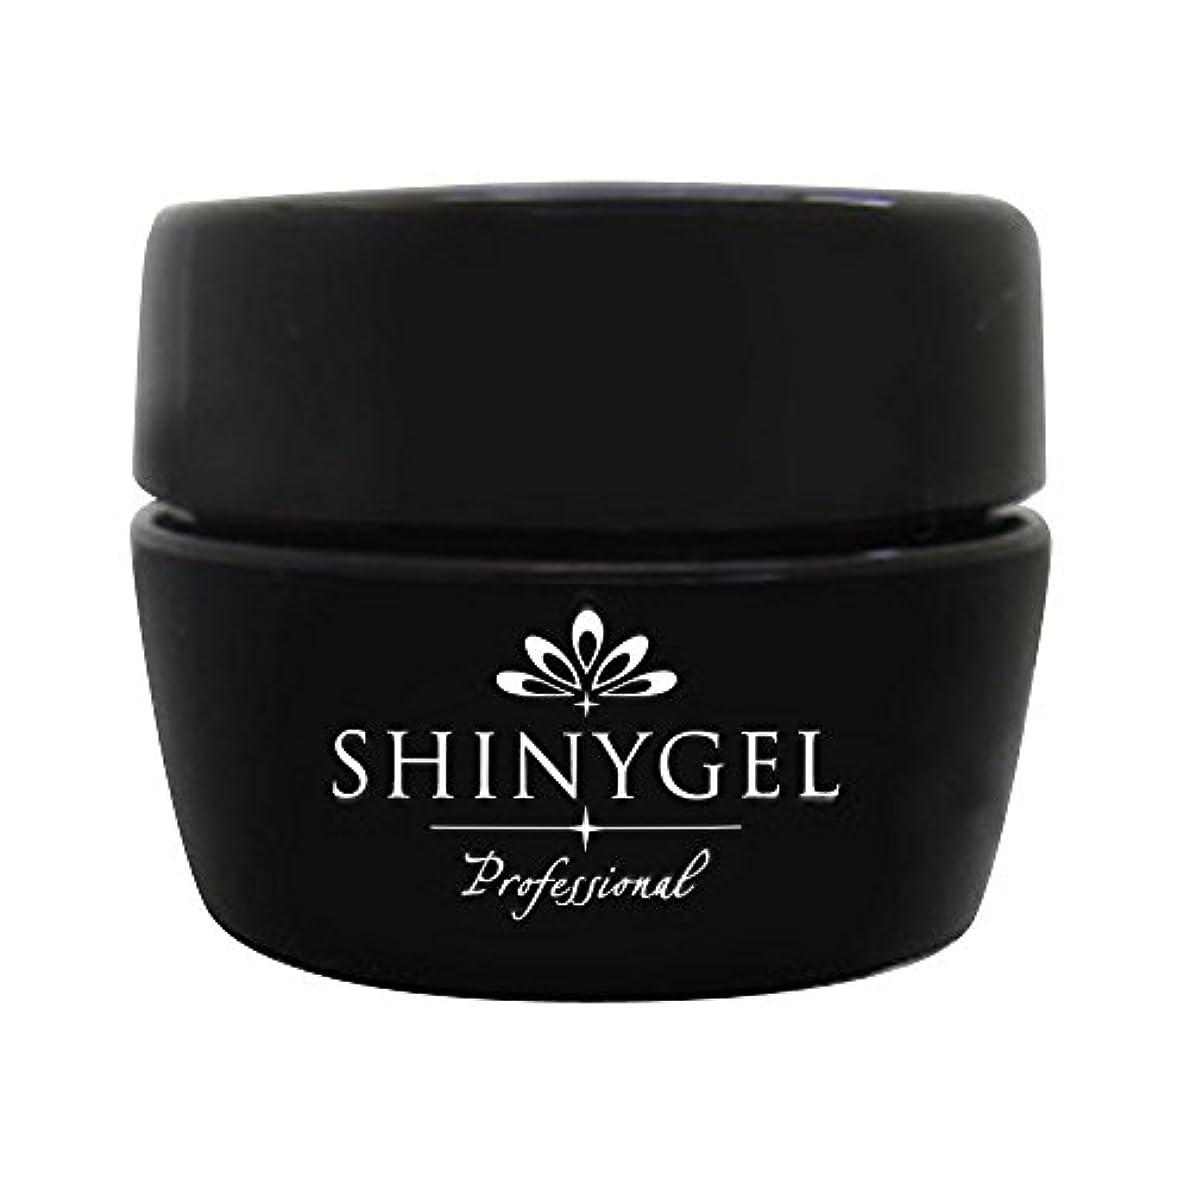 興奮する豆許可SHINY GEL カラージェル 150 4g シャンパンロゼ シルバーラメをミックスしたラメローズ JNA検定色 UV/LED対応